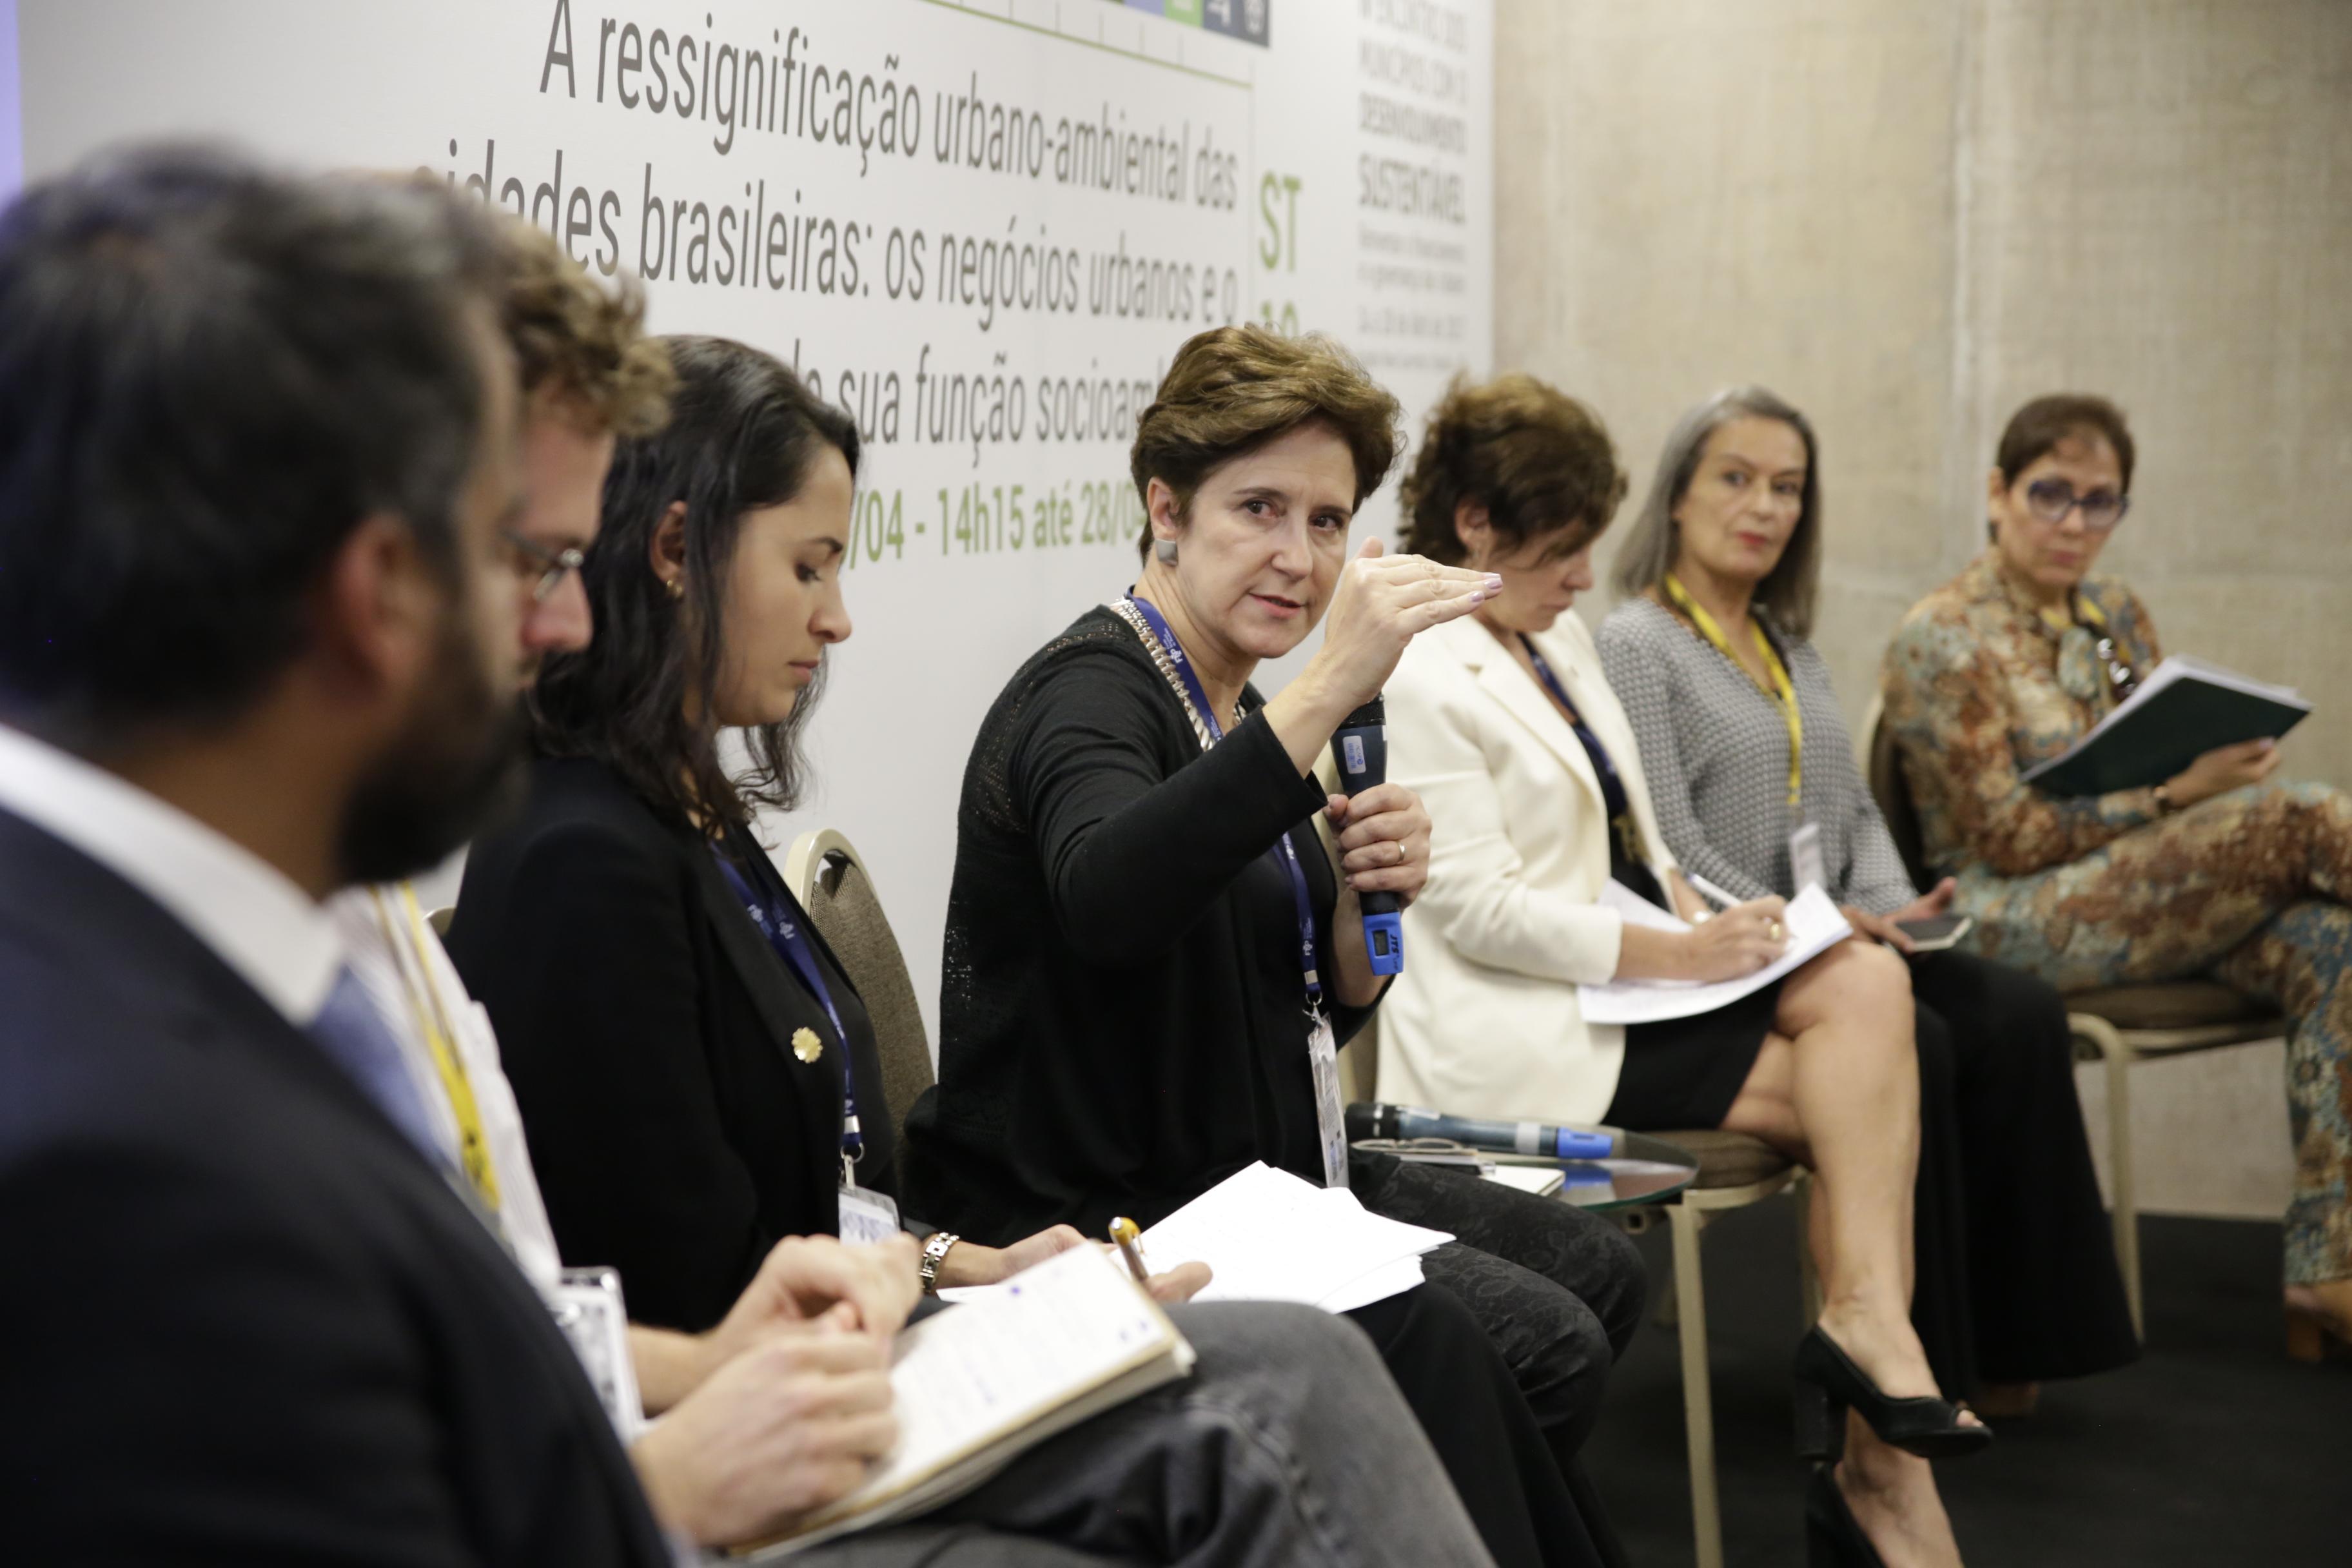 Mesa recebeu participantes com diferentes visões do processo de criação dos entes de governança metropolitana. (Foto: Mariana Gil/WRI Brasil)